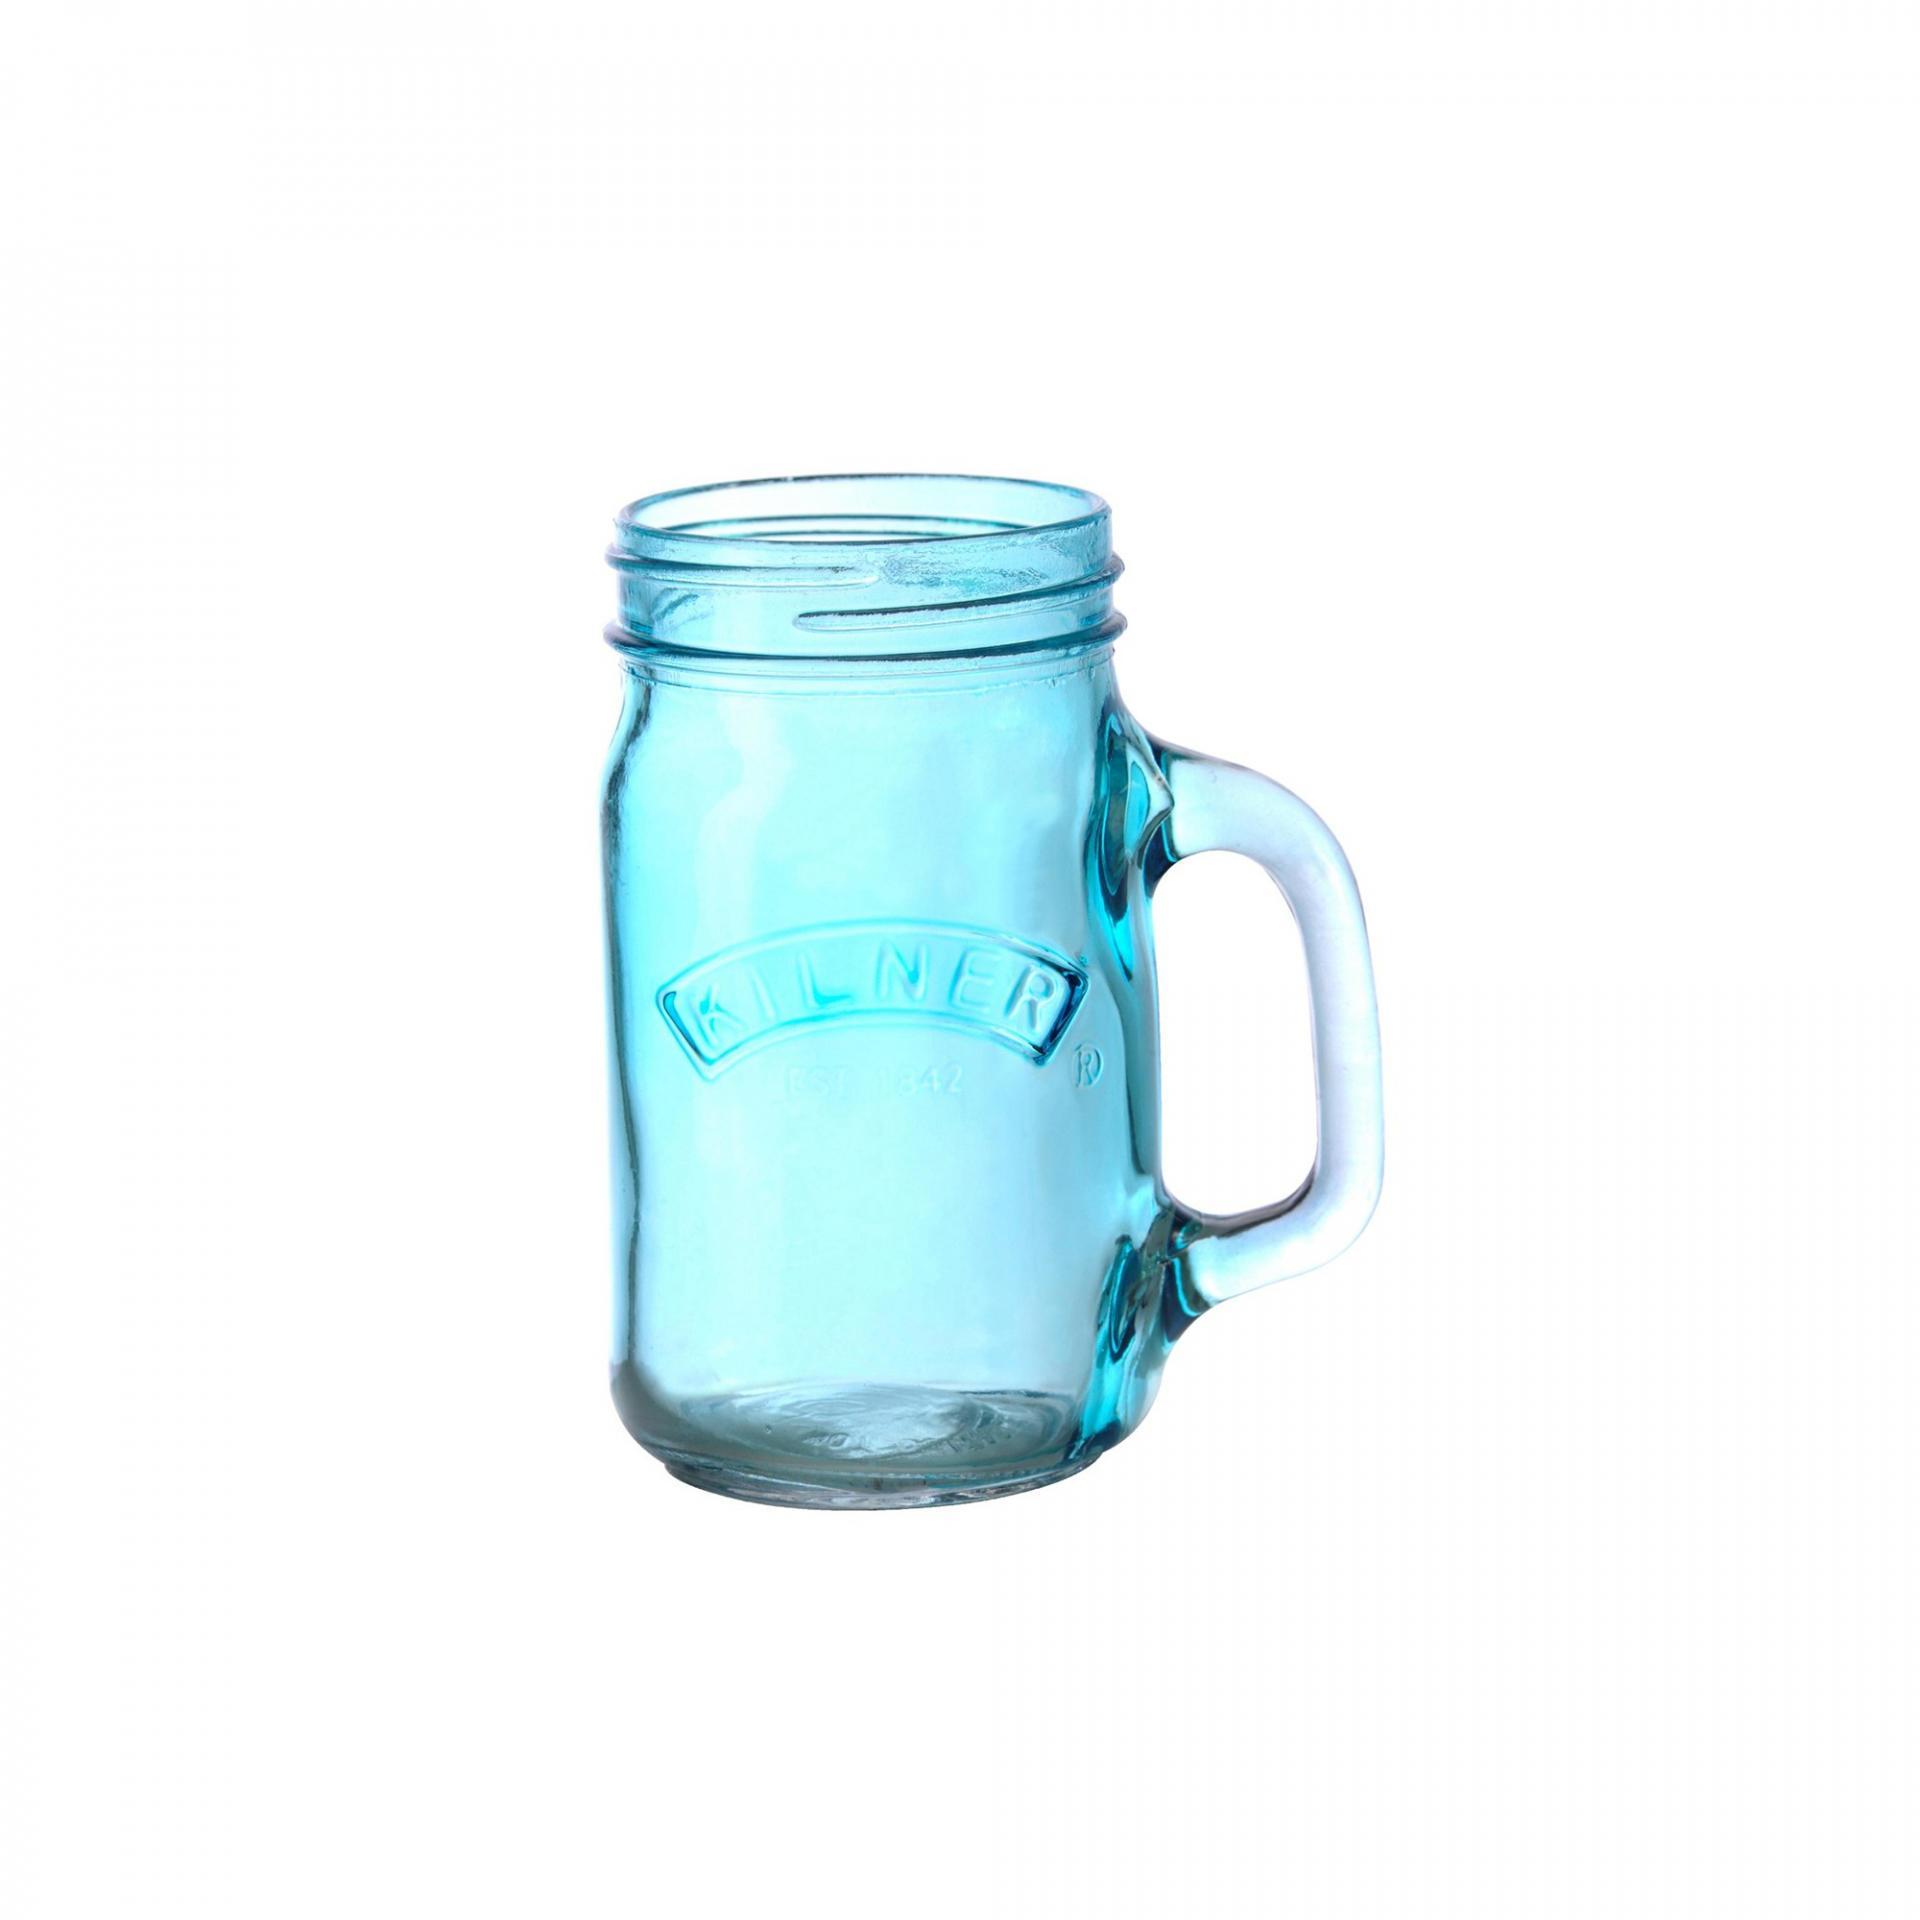 KILNER Sklenice s uchem Blue 350 ml, modrá barva, sklo